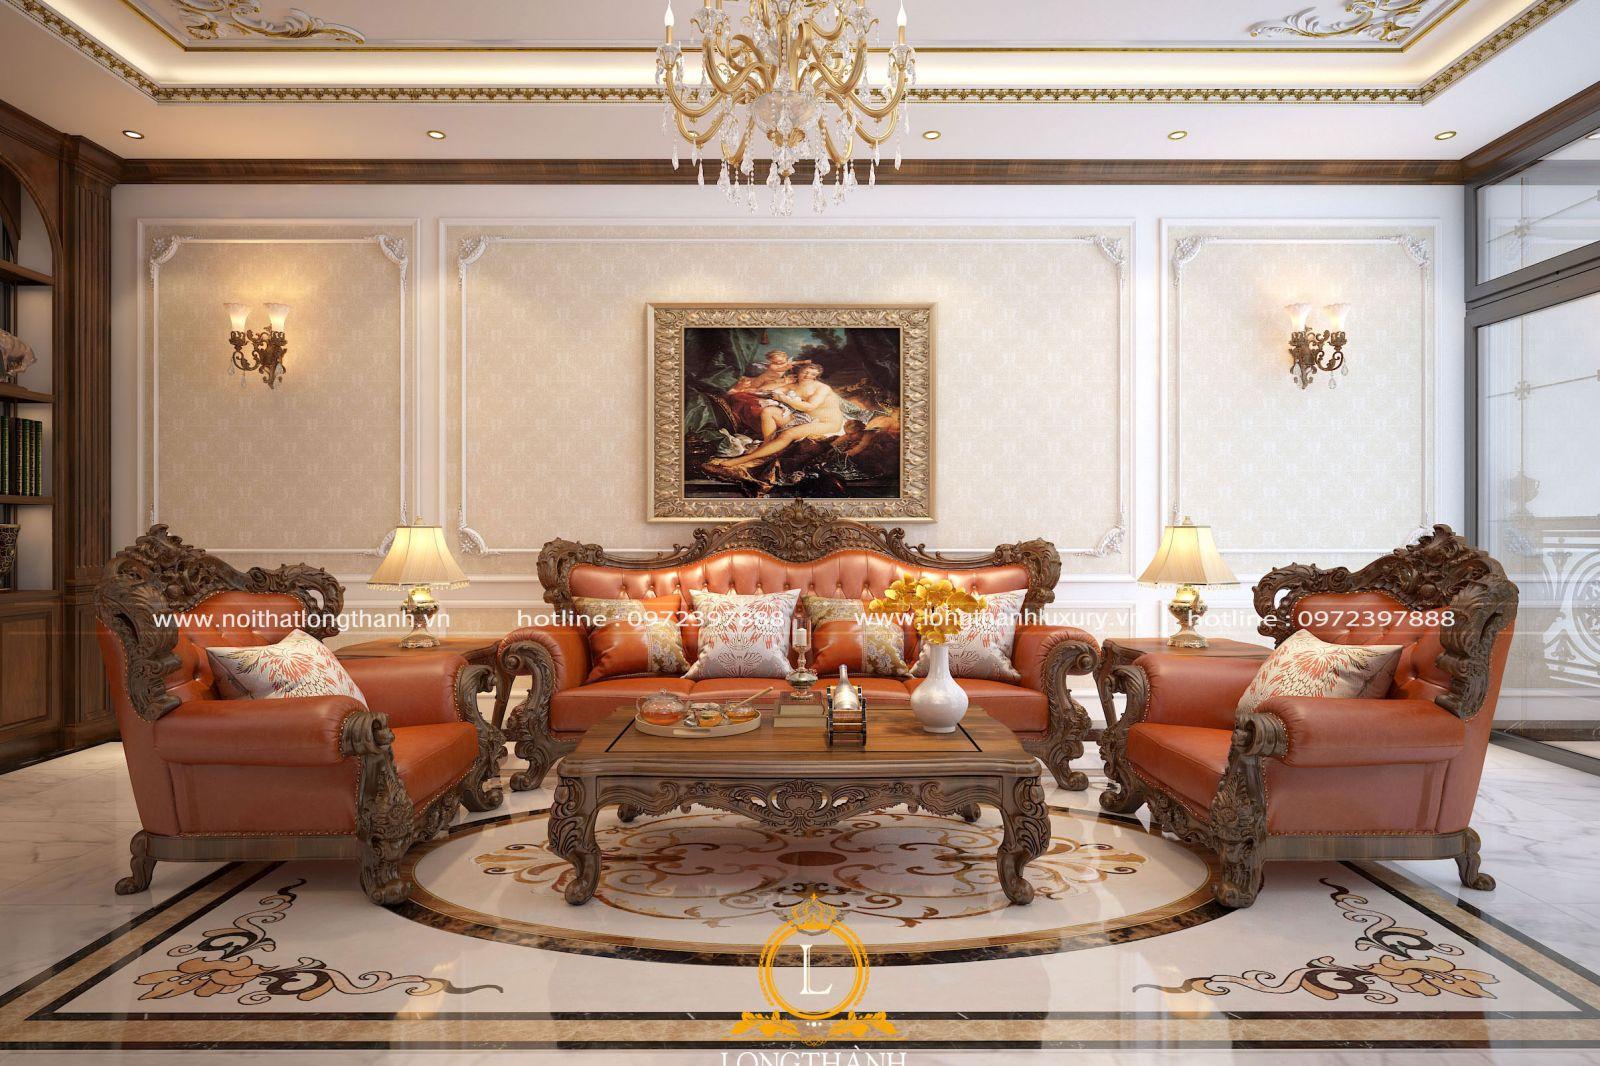 Mẫu thiết kế nội thất phòng khách tân cổ điển đơn giản mà cuốn hút